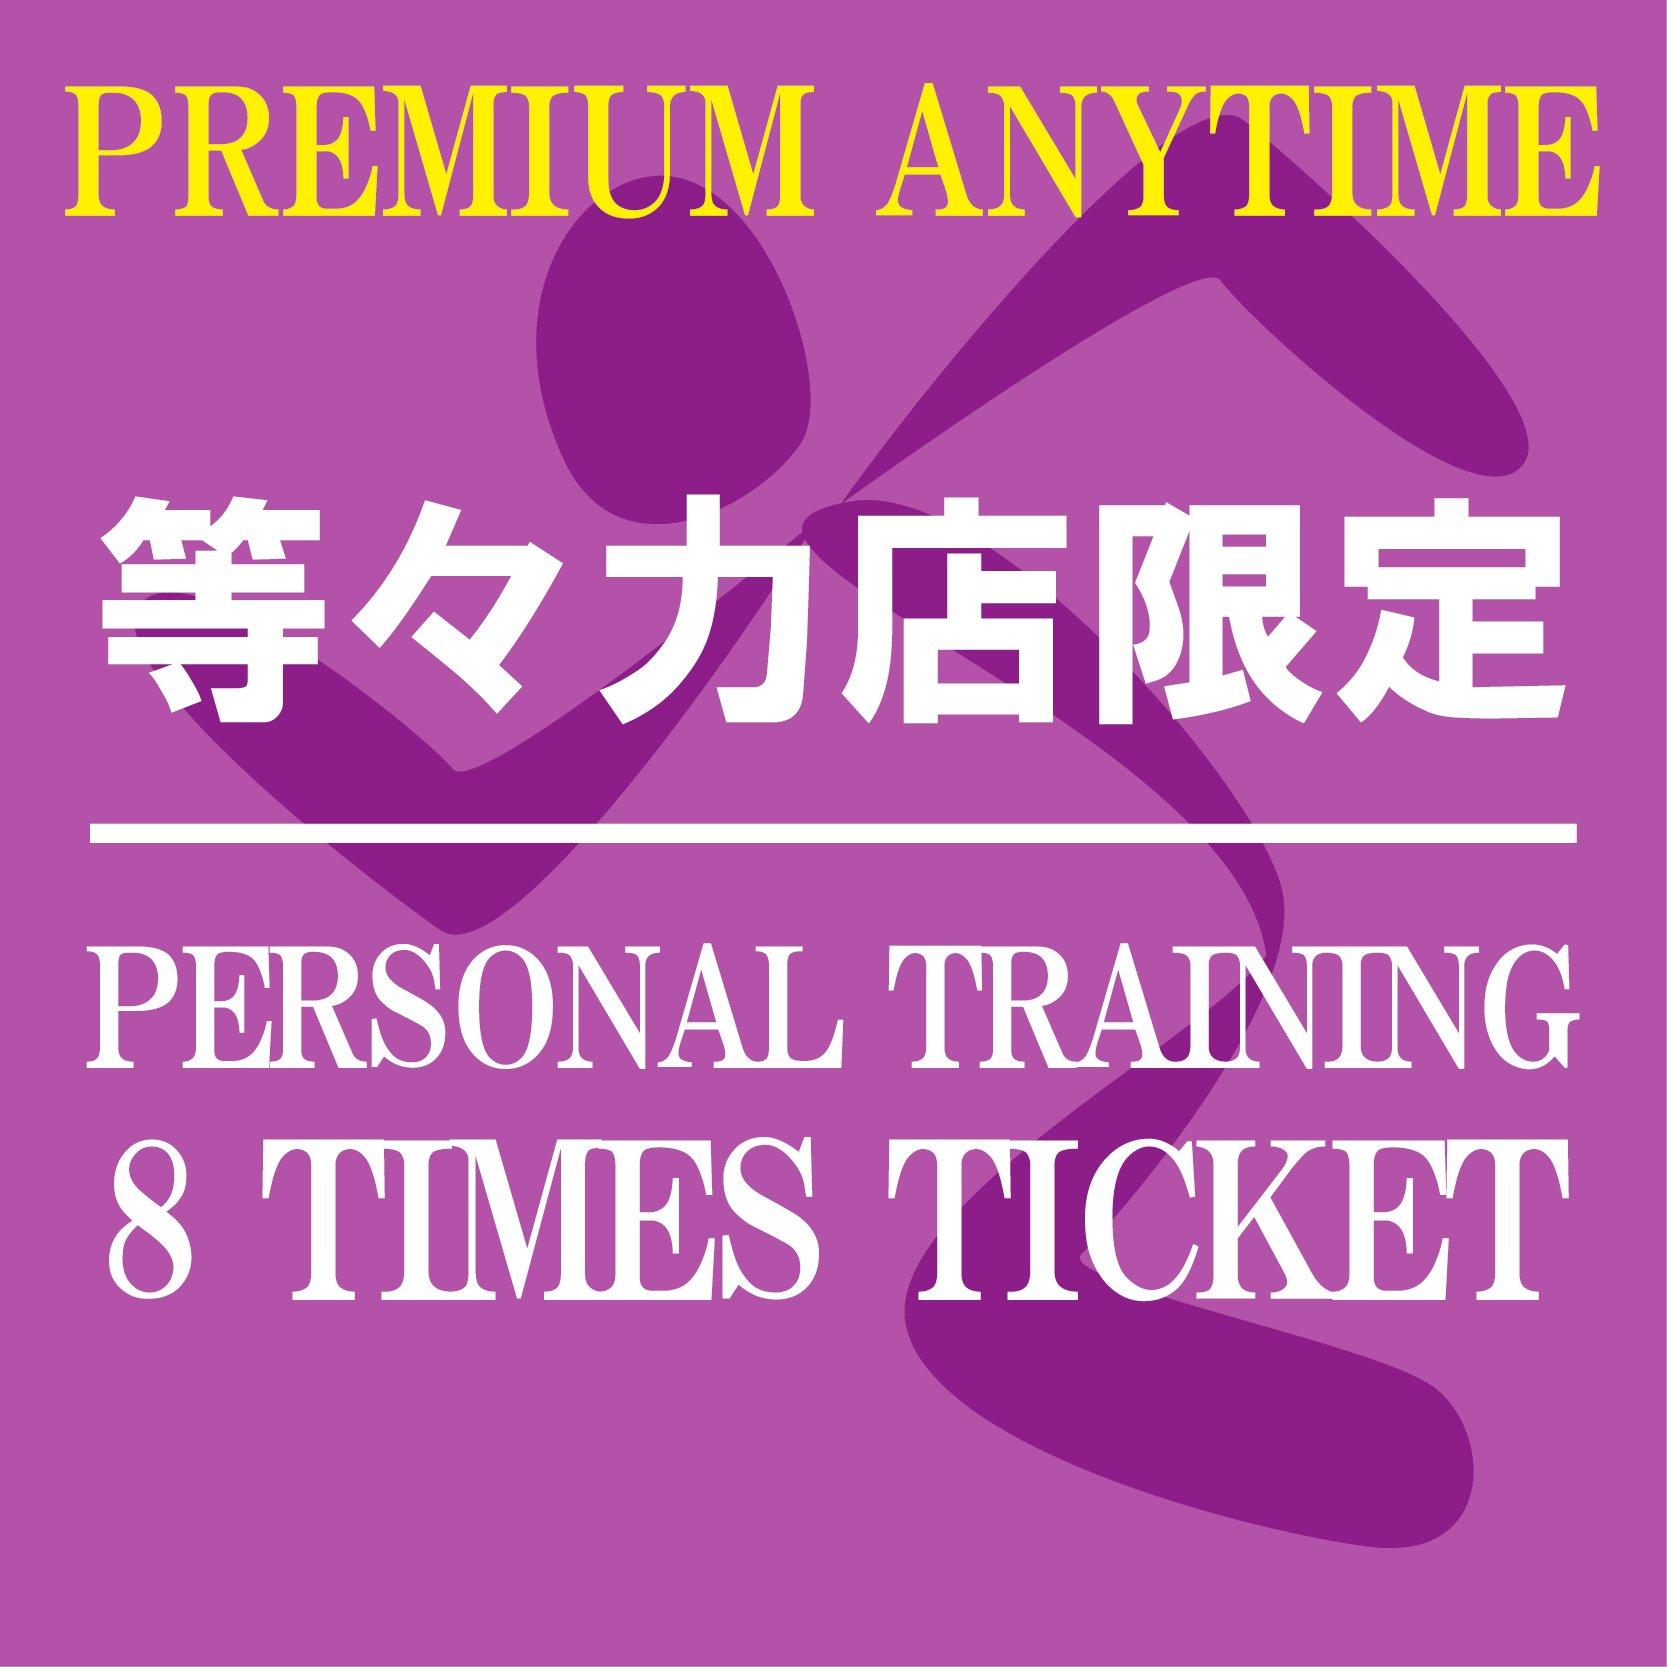 パーソナルトレーニング60分8回チケット〜ANYTIME PREMIUM〜[エニタイムフィットネス等々力店限定]のイメージその1